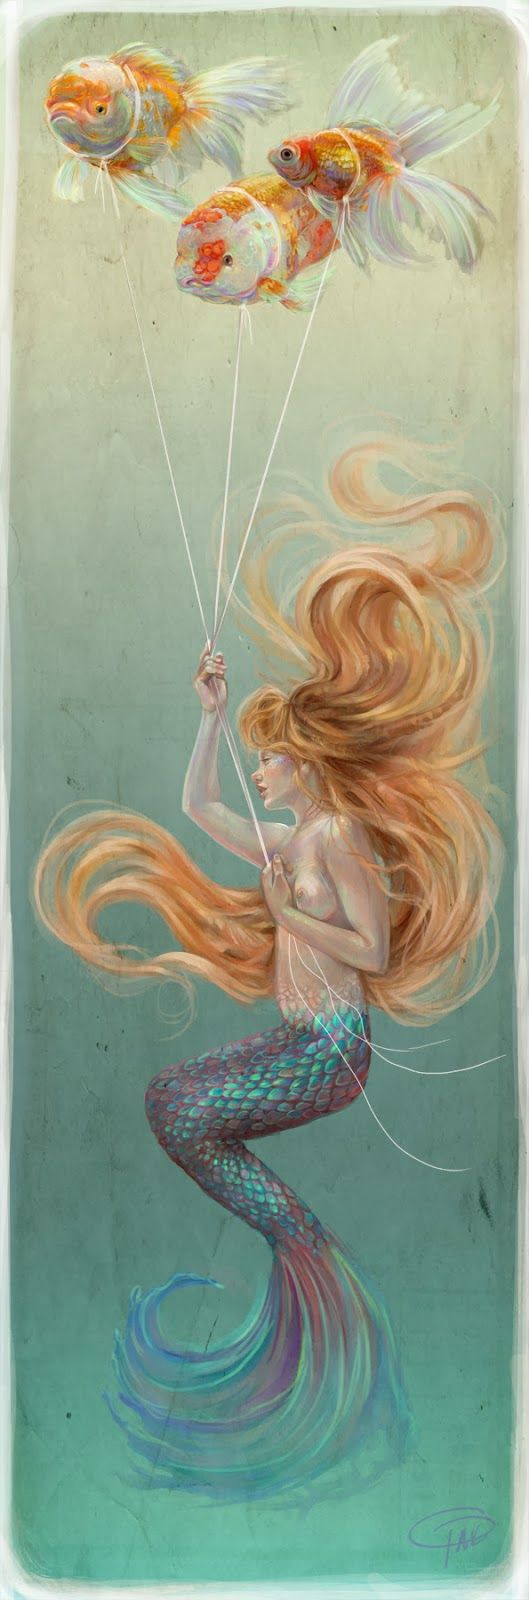 Sirena peces